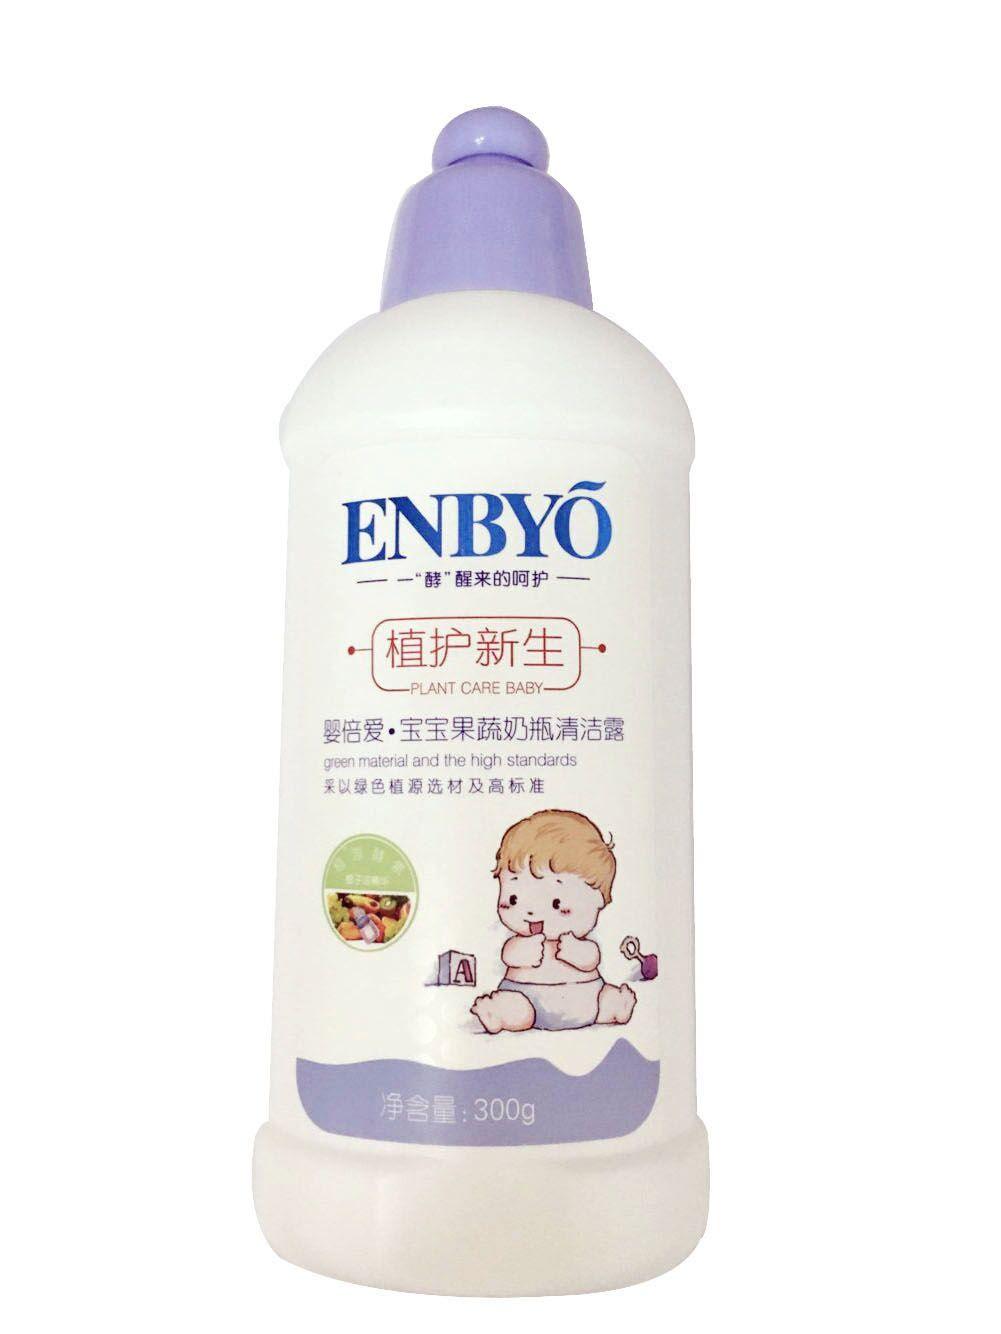 婴倍爱宝宝果蔬奶瓶清洁露300g